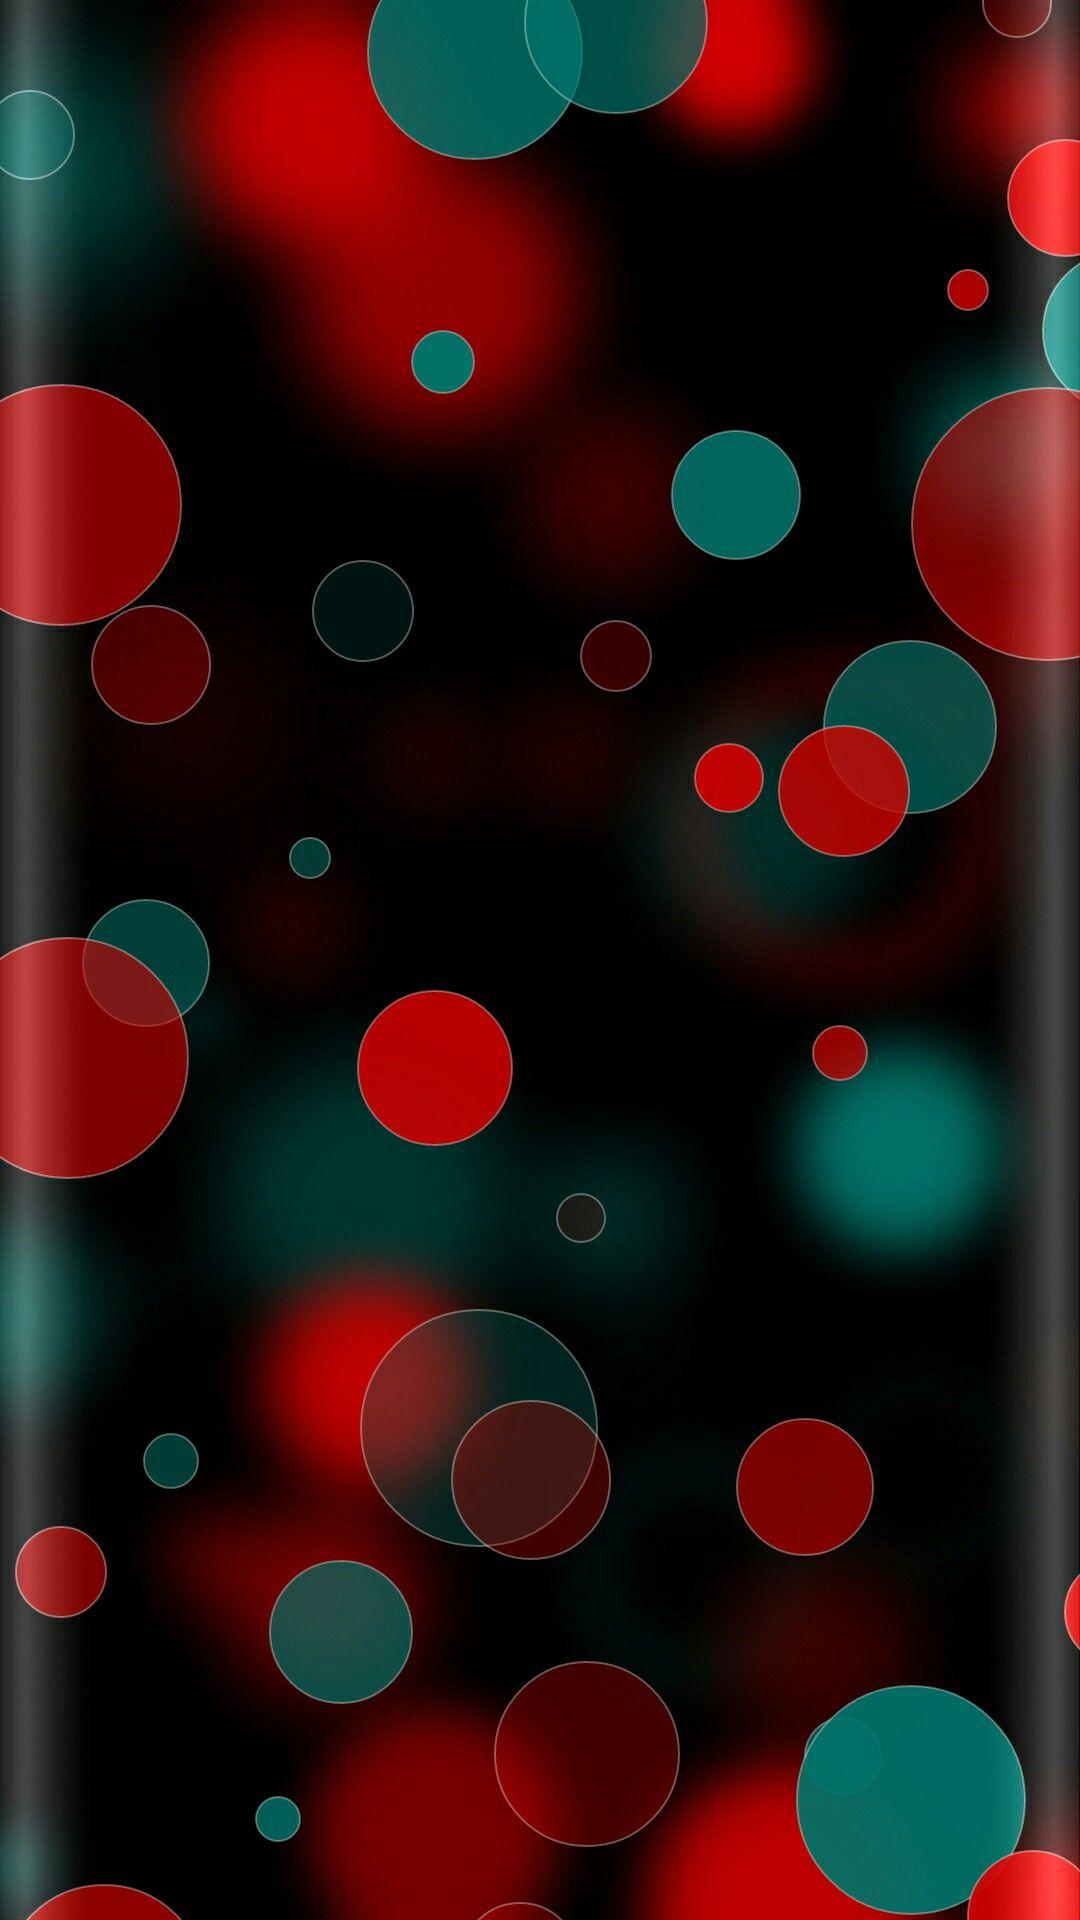 Assez Épinglé par Michael Marchand sur fond écran smartphone | Pinterest  PJ63